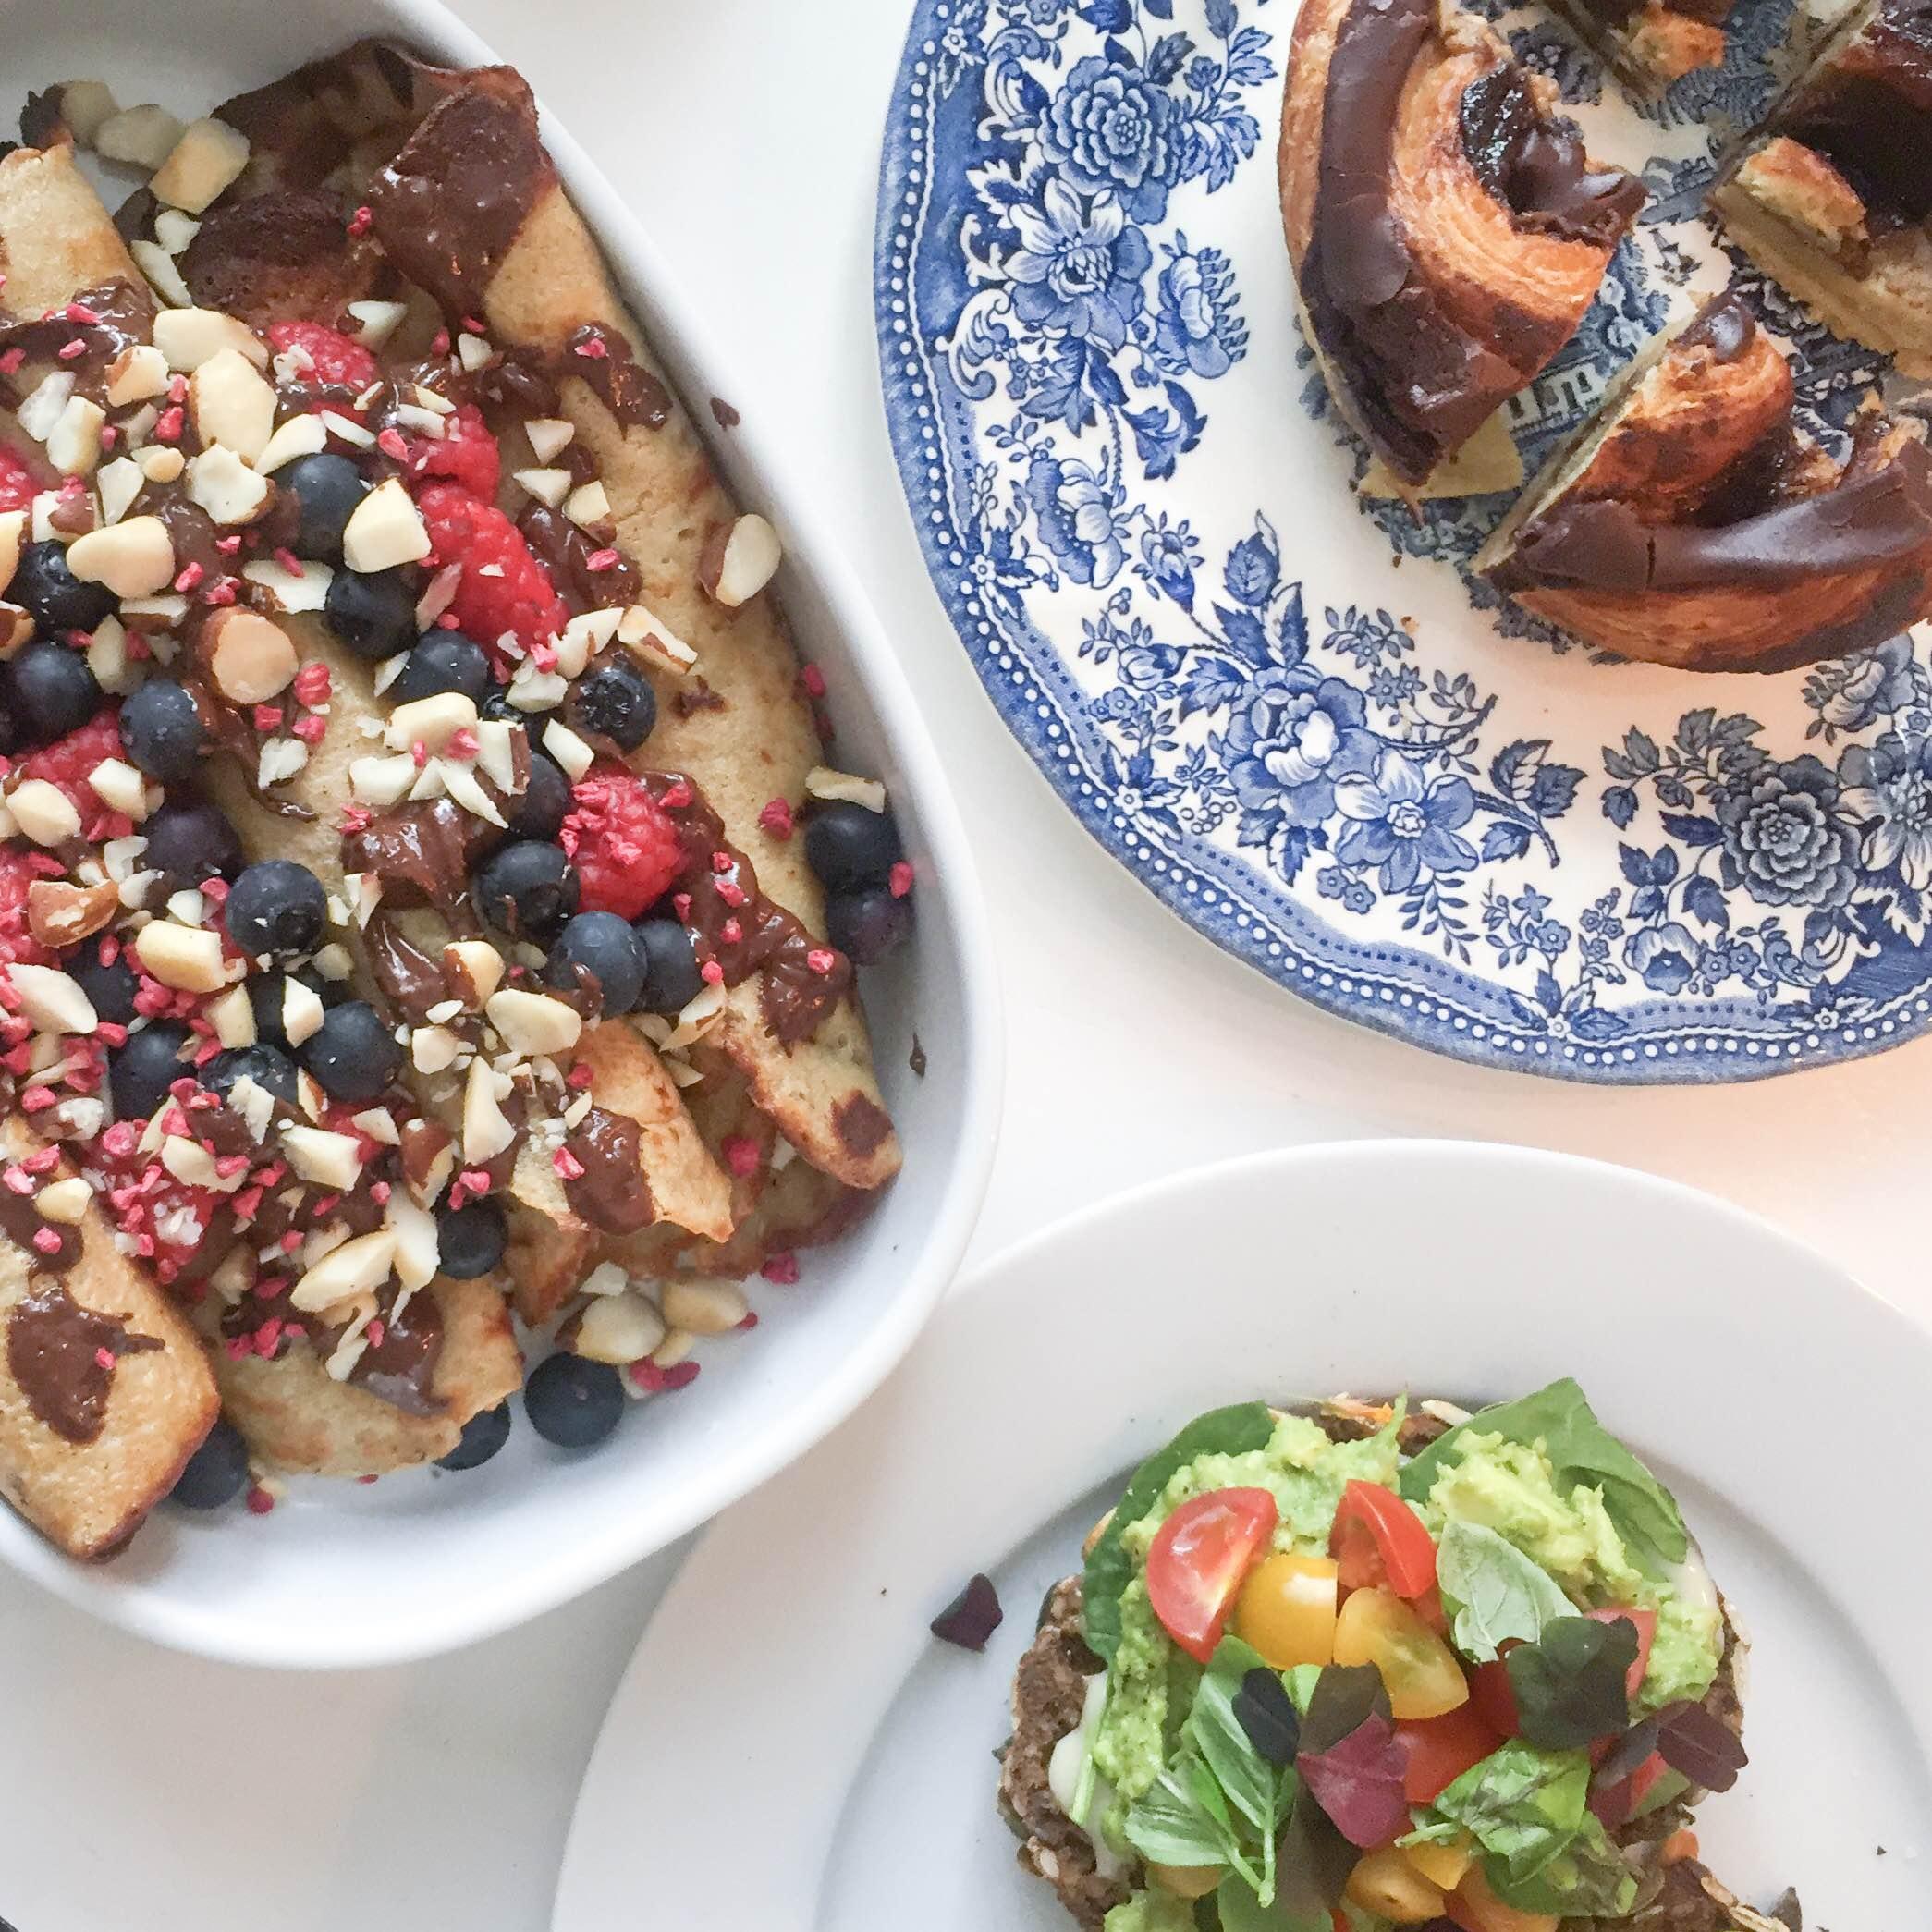 Pandekager med chokolade, bær og nødder, avokado på rugbrødsbolle og kanelsnegl